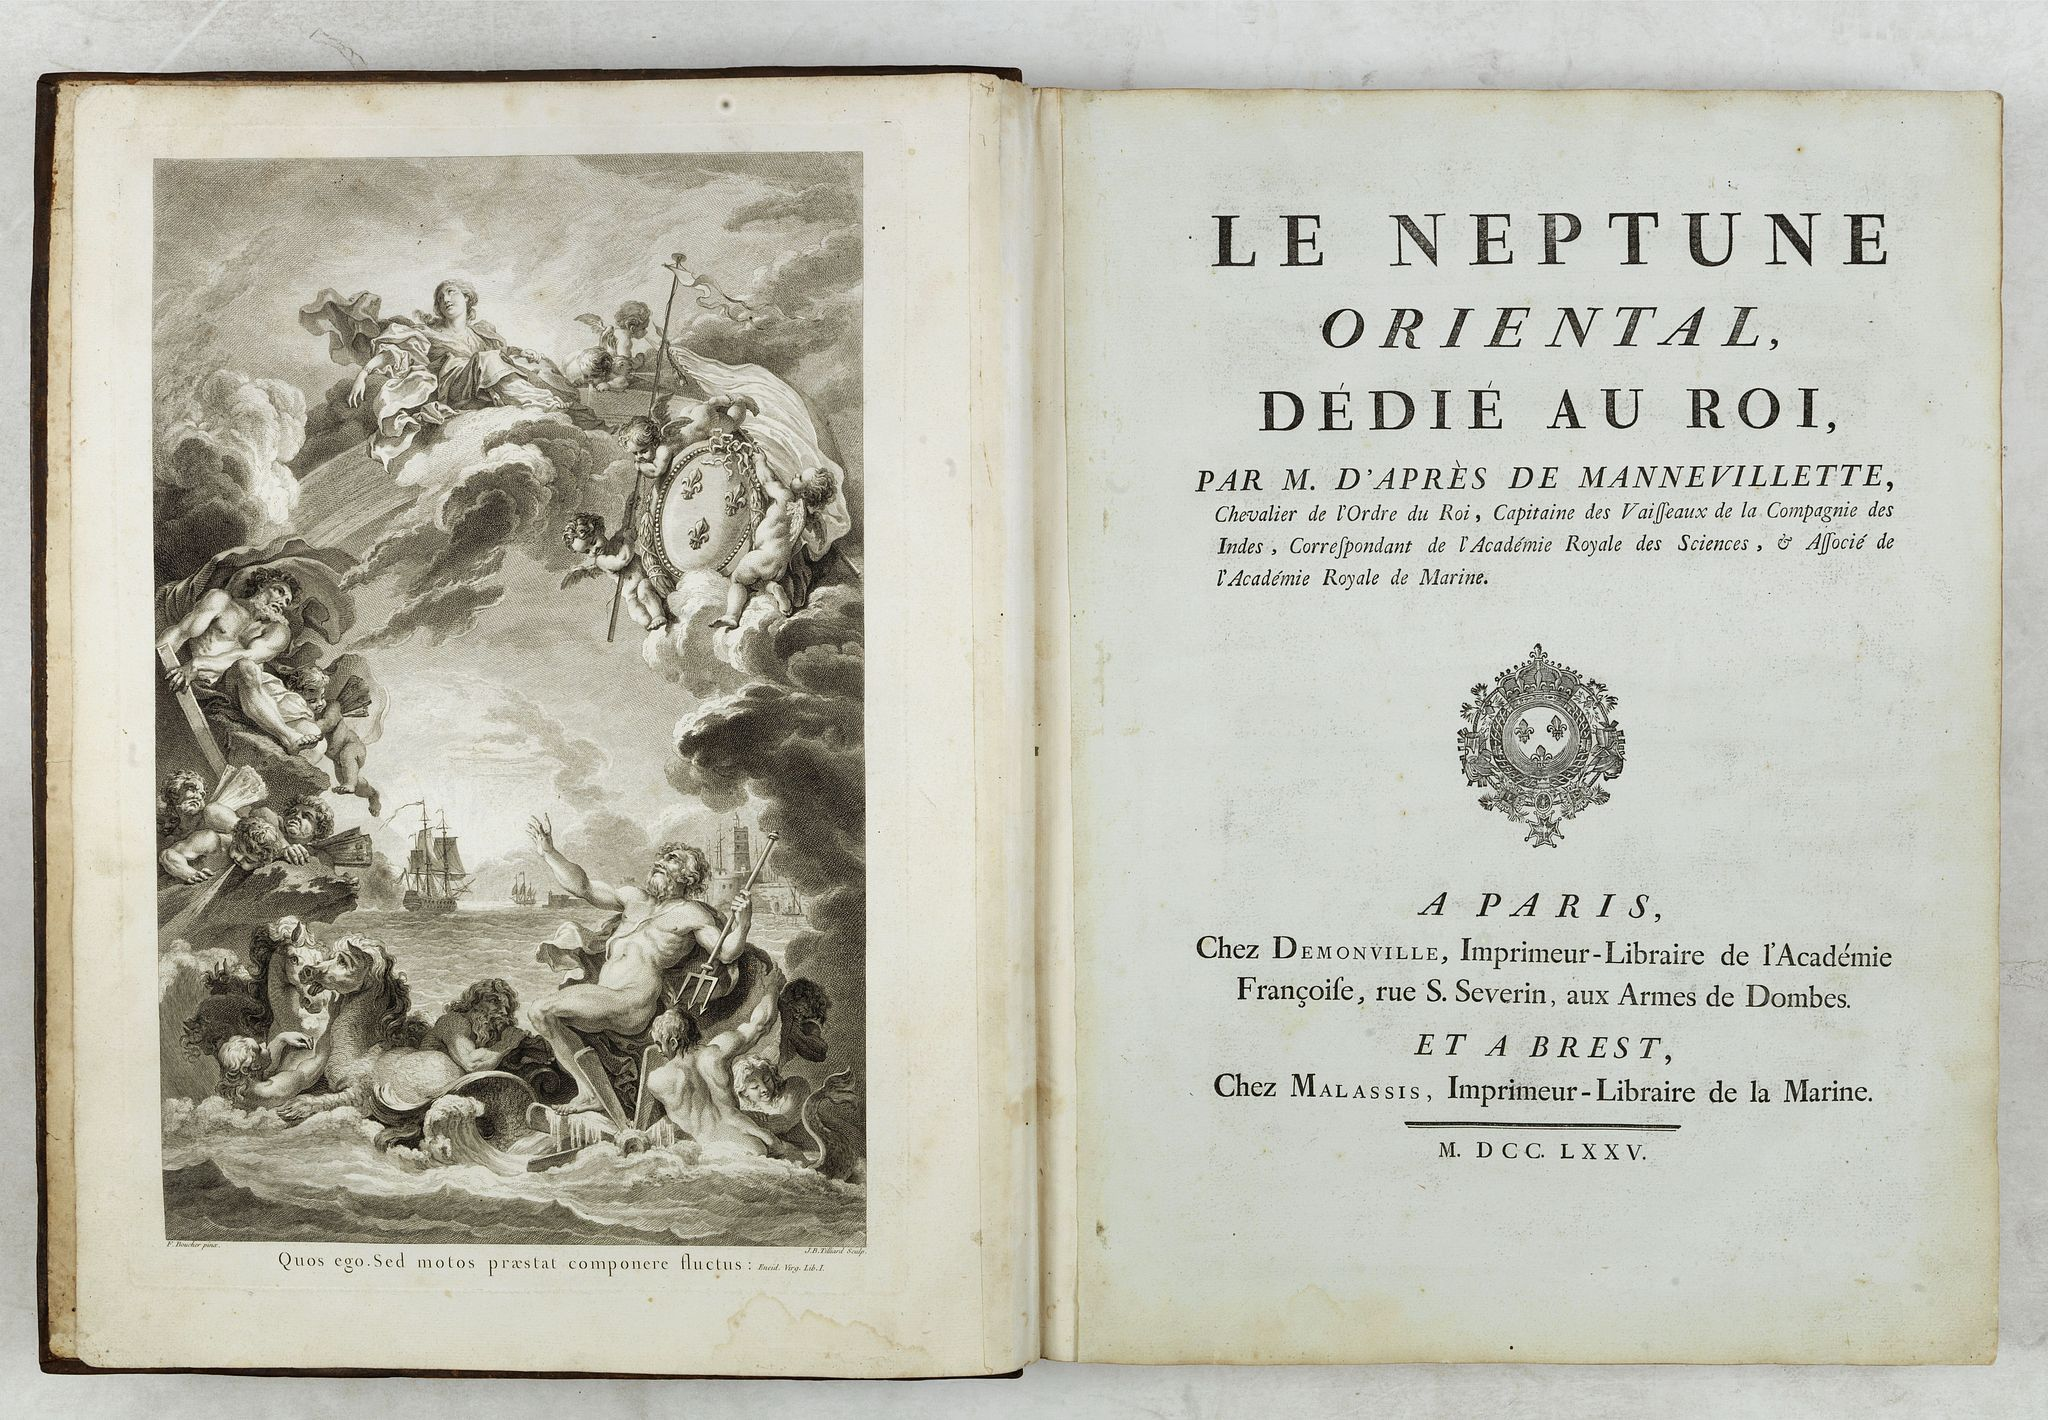 D'APRES DE MANNEVILLETTE. -  Le Neptune Oriental ou routier general des Cotes des Indes orientales et de la Chine. . .